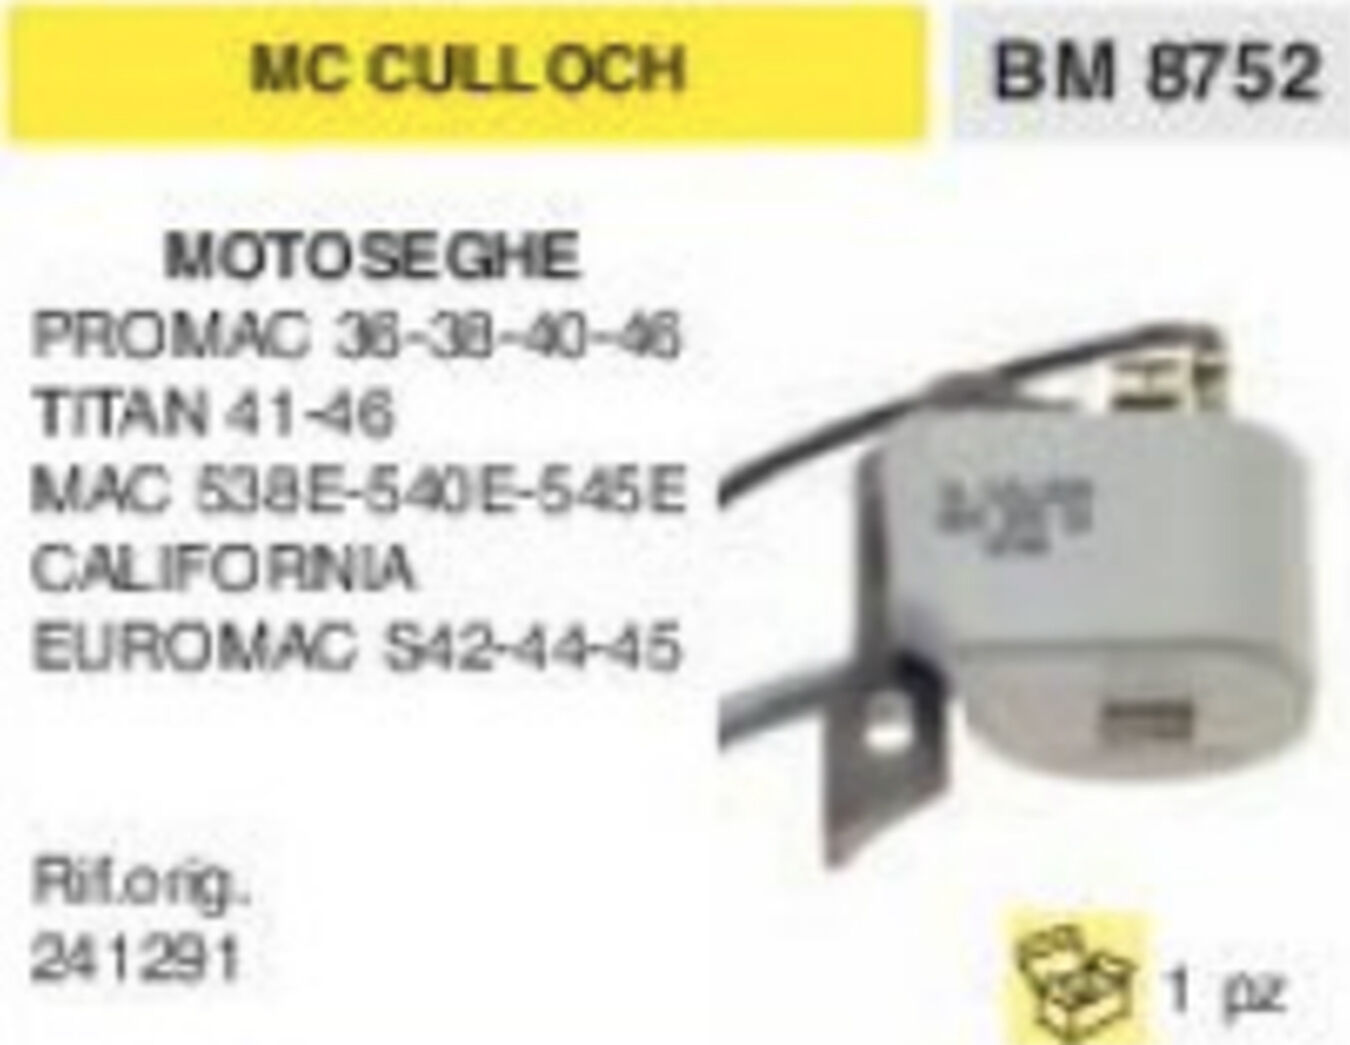 241291 BOBINA MOTOSEGA McCULLOCH EUROMAC S42 S44 S45 MAC 583E 545E